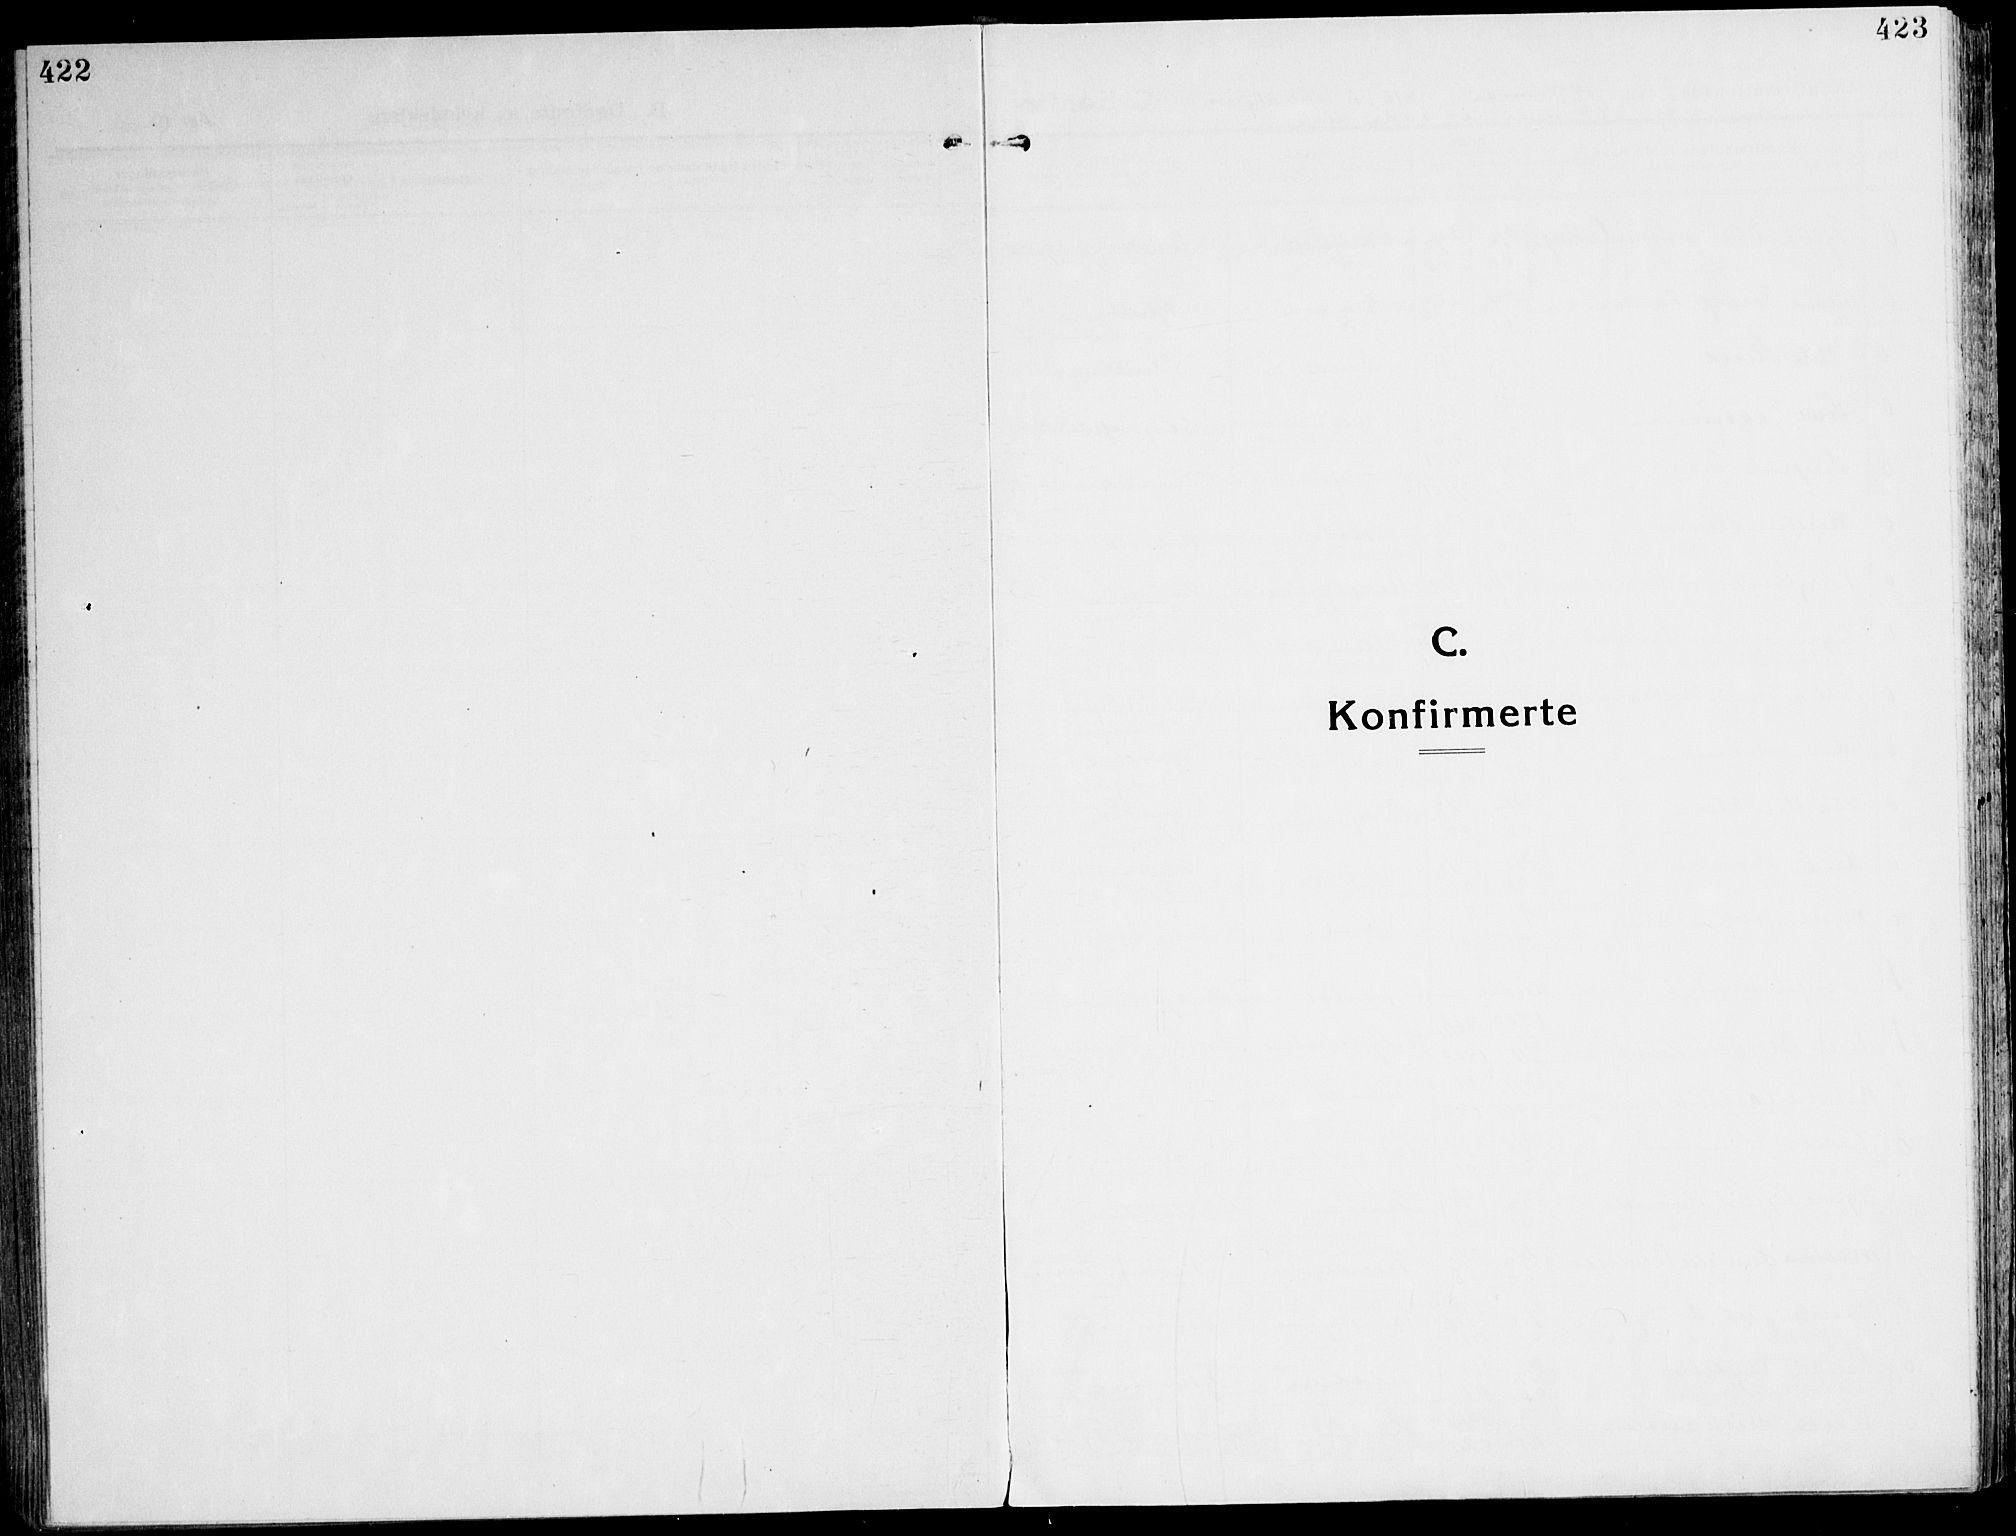 SAT, Ministerialprotokoller, klokkerbøker og fødselsregistre - Sør-Trøndelag, 607/L0321: Ministerialbok nr. 607A05, 1916-1935, s. 422-423